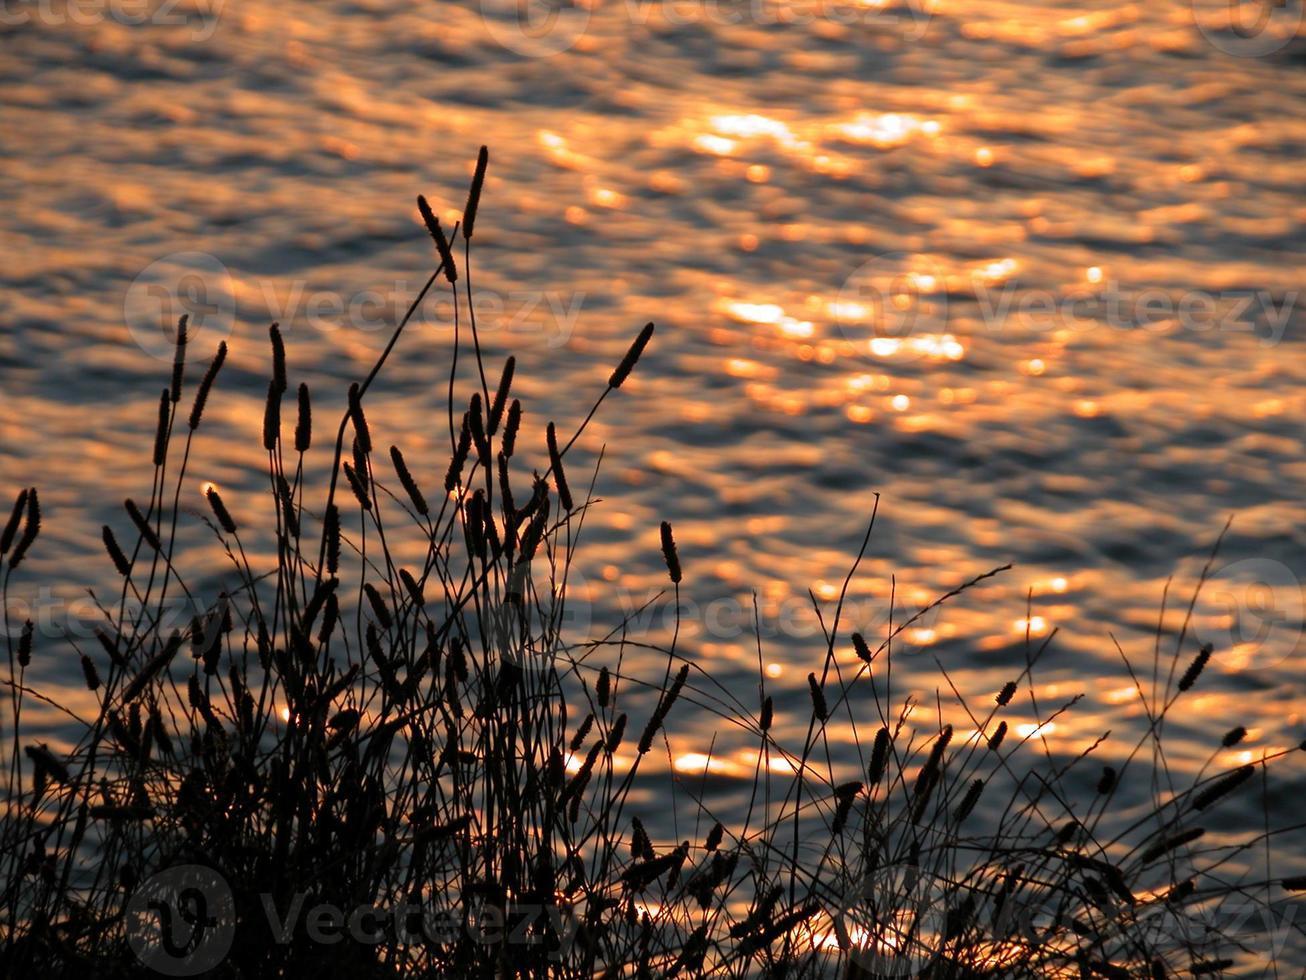 Silhouetten bei Sonnenuntergang foto